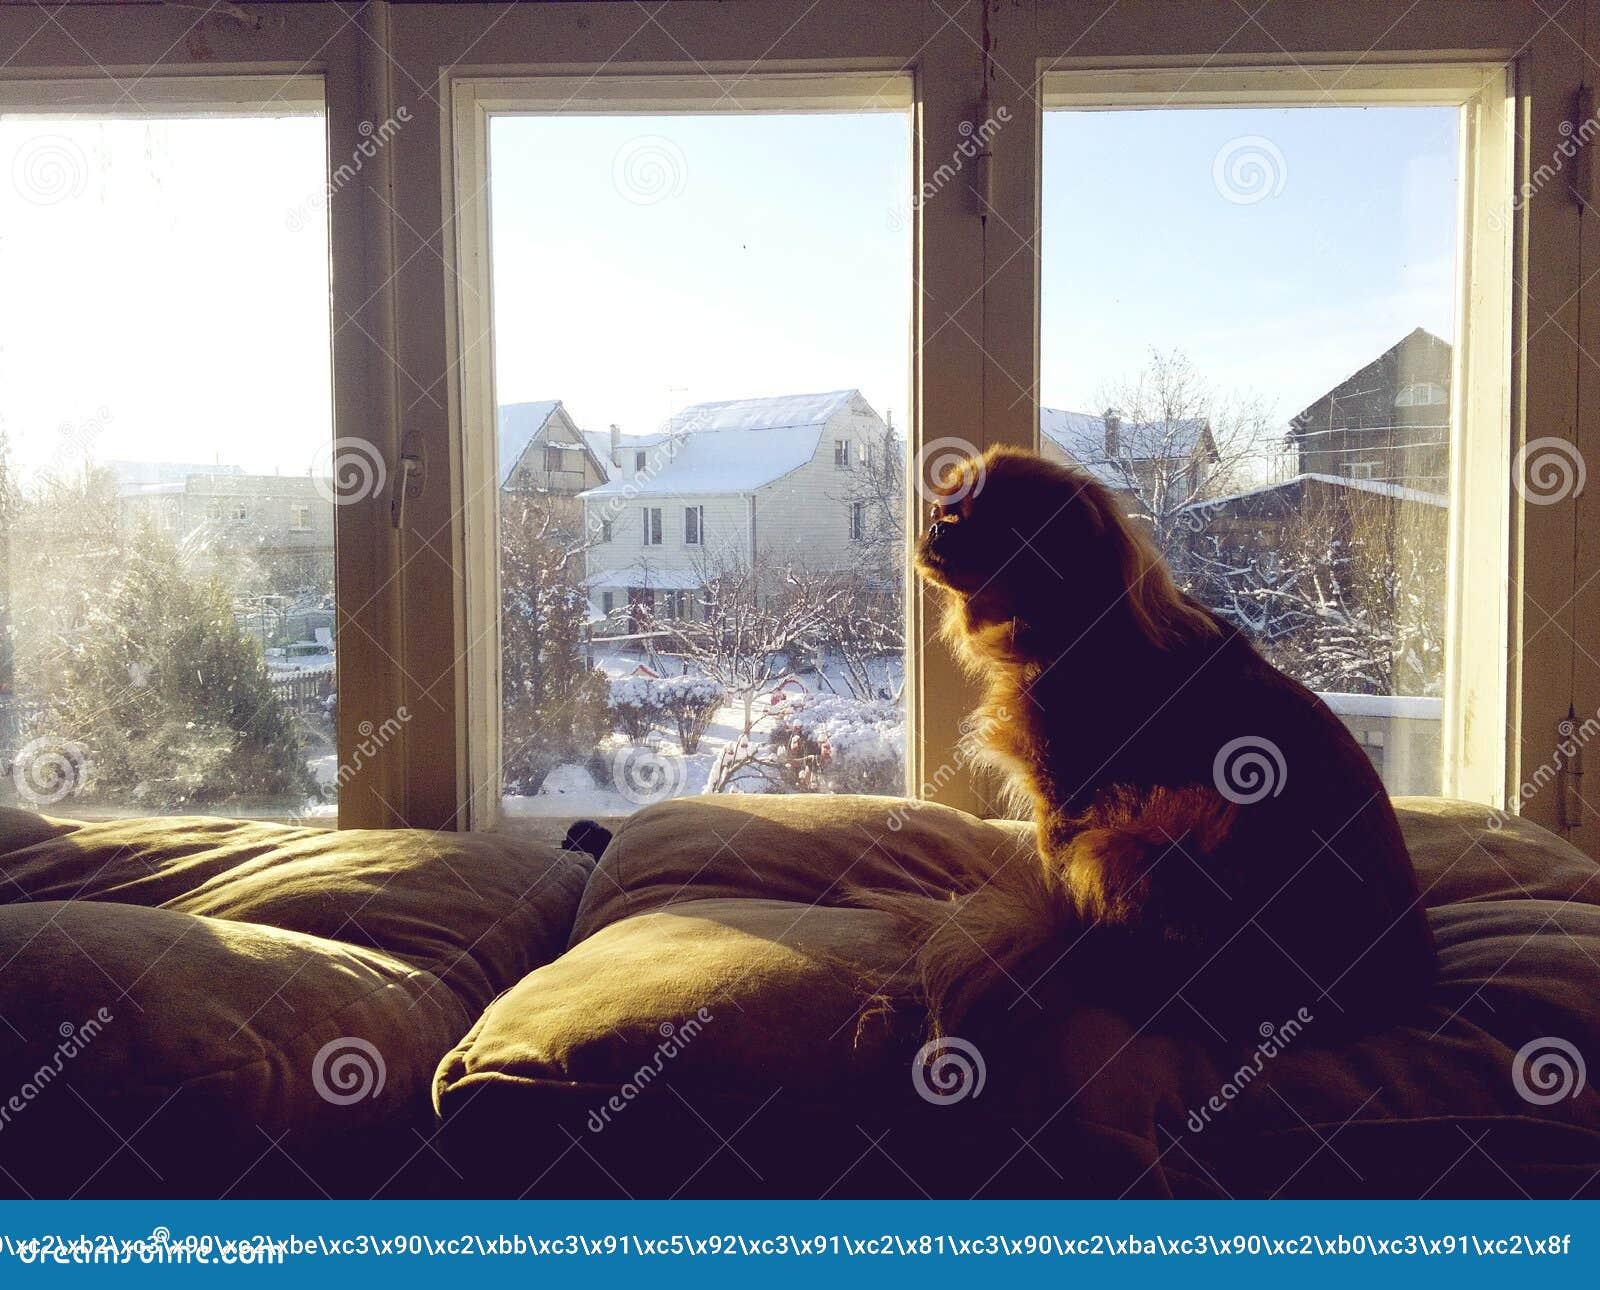 Dog near the window